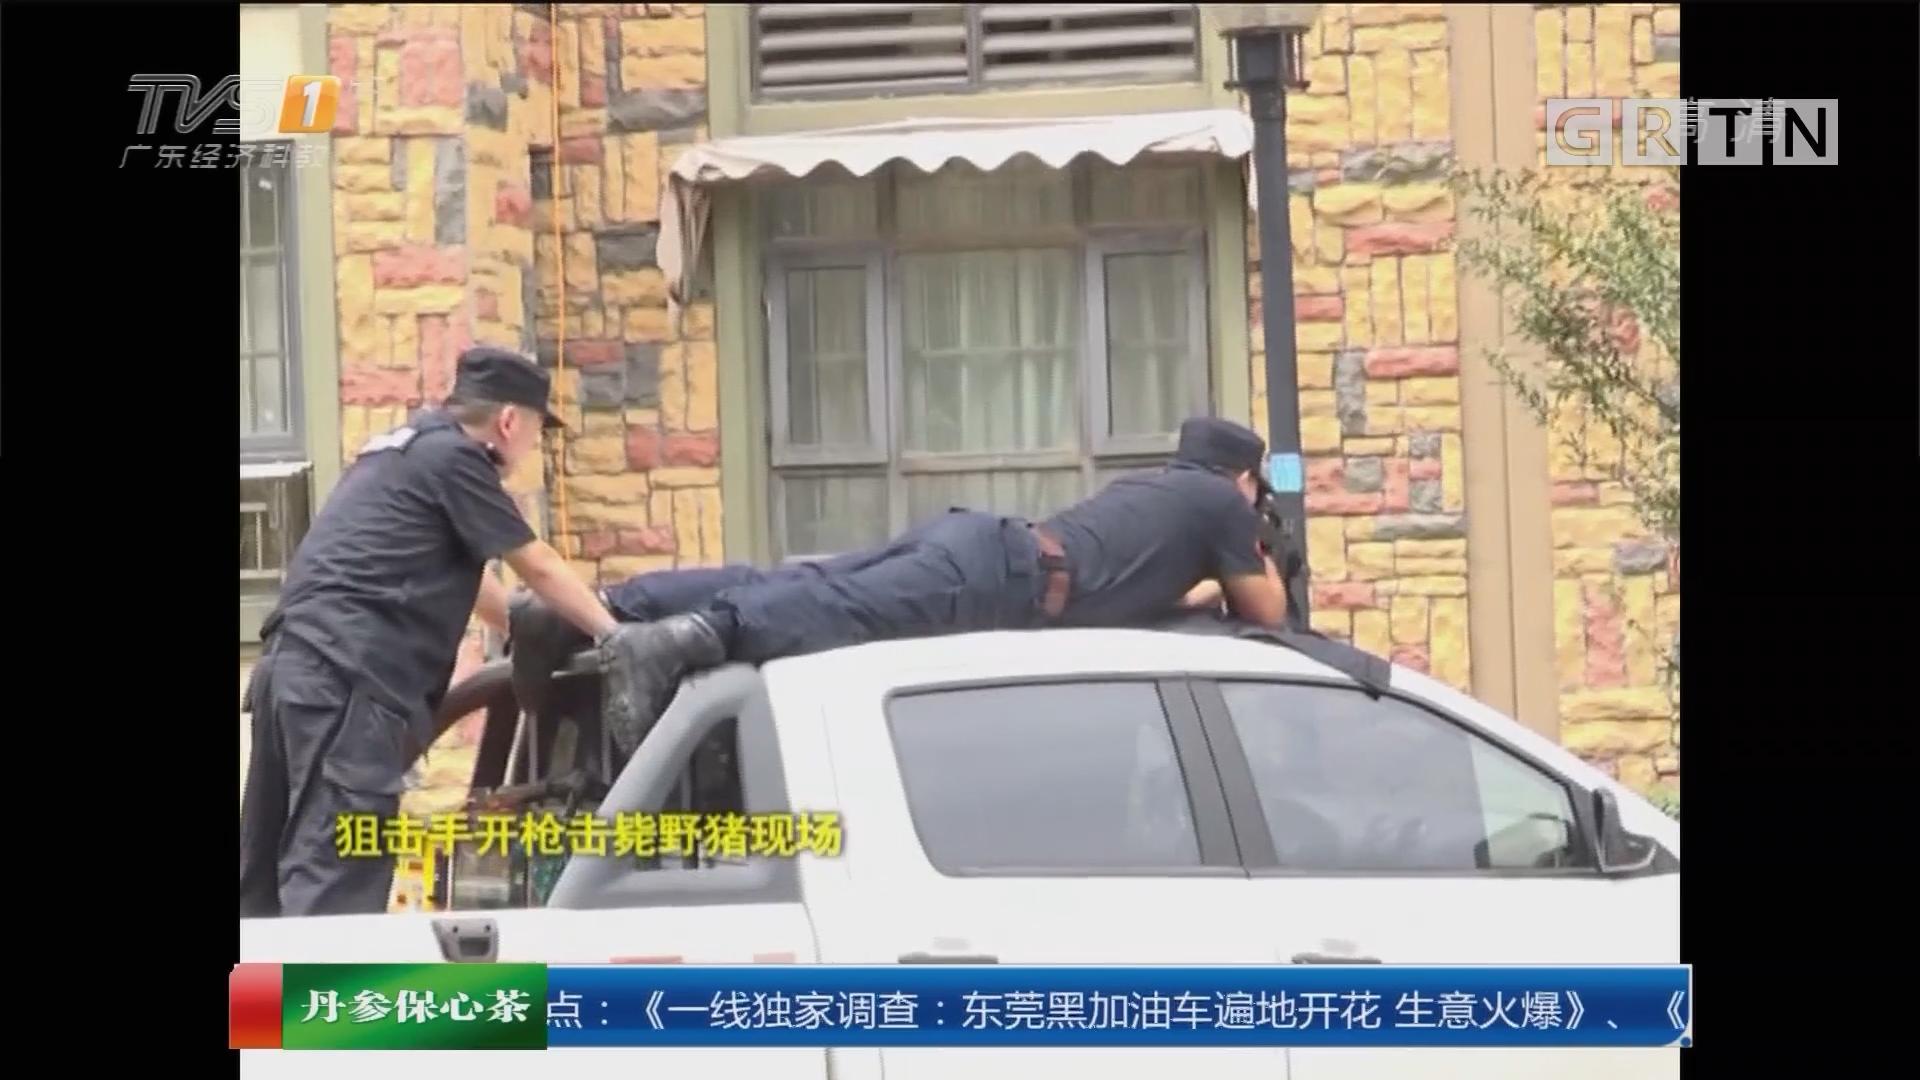 江苏南京:野猪闯小区大闹8小时 狙击手当场击毙